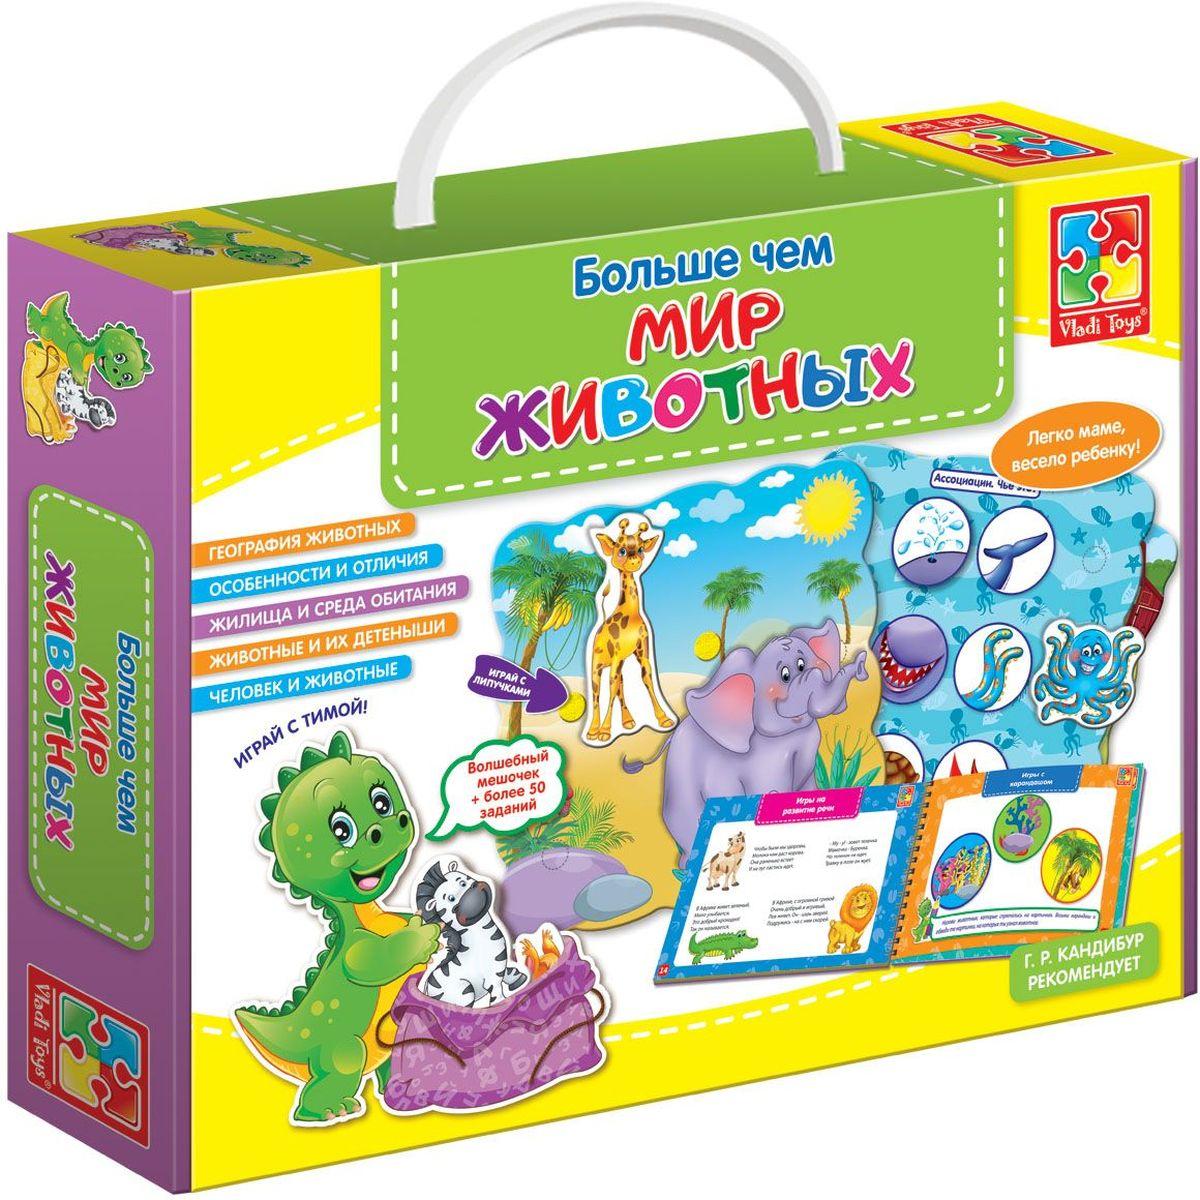 Vladi Toys Обучающая игра Больше чем мир животных vladi toys развивающая игра больше чем мир животных